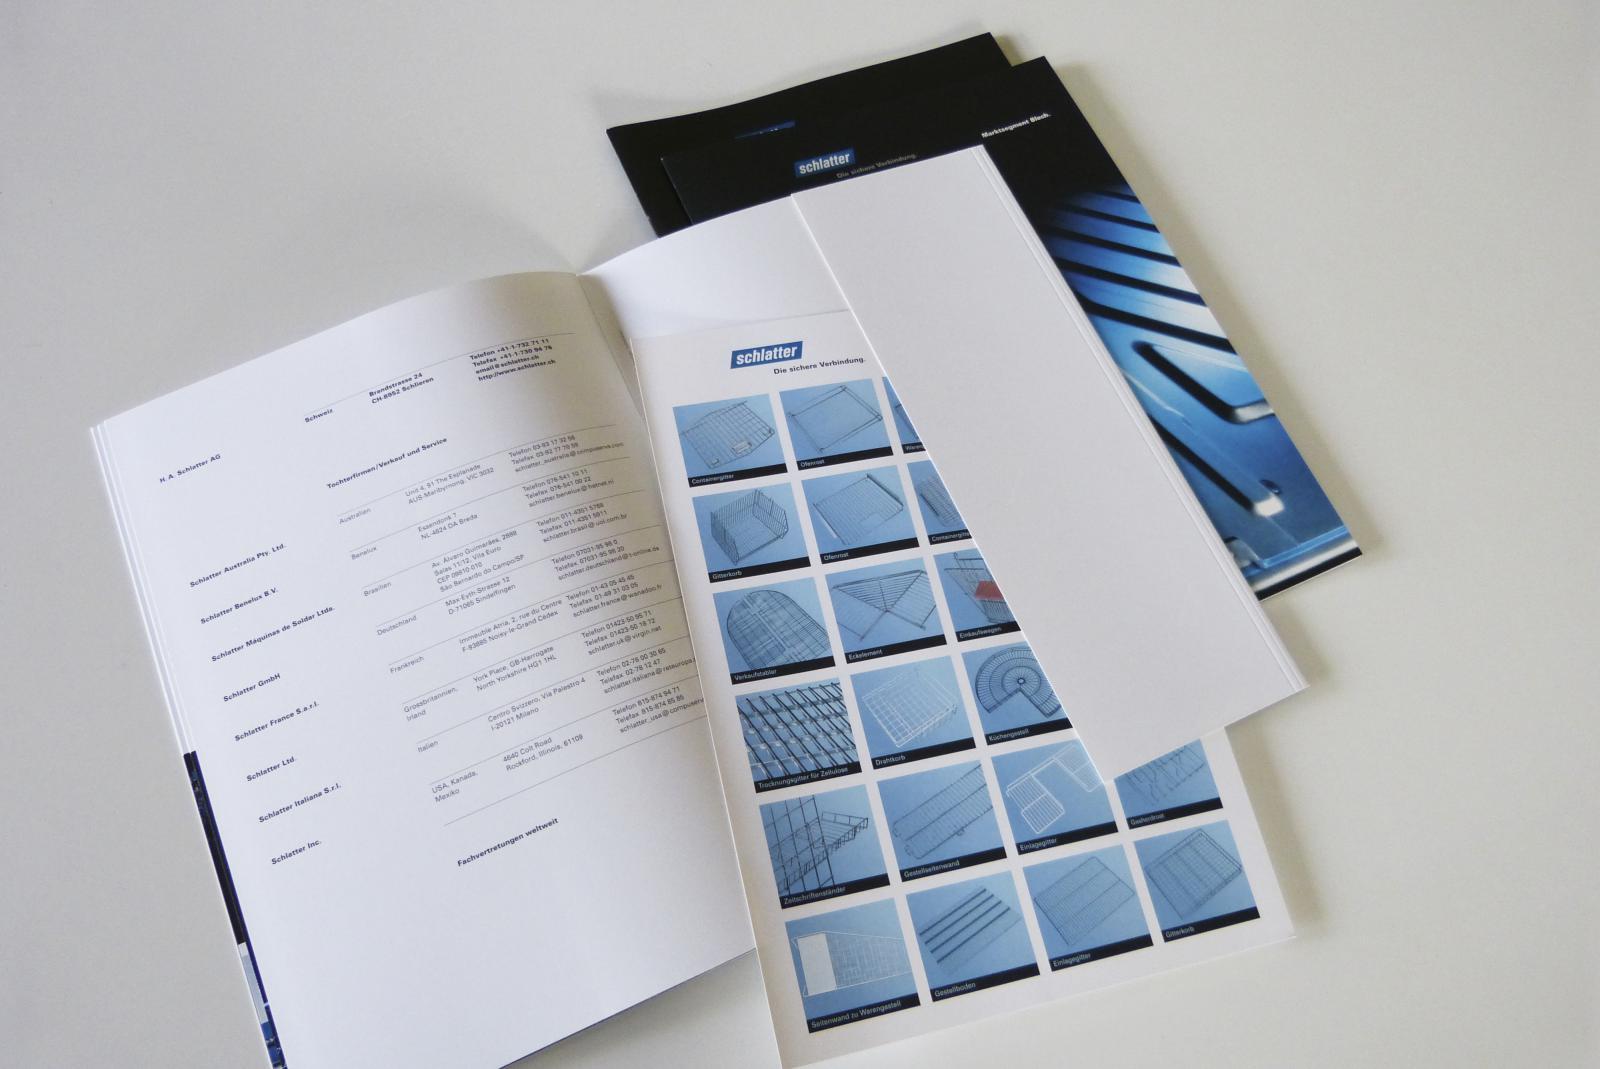 Letzte Seite, Umschlag mit Klappe für Produktblätter